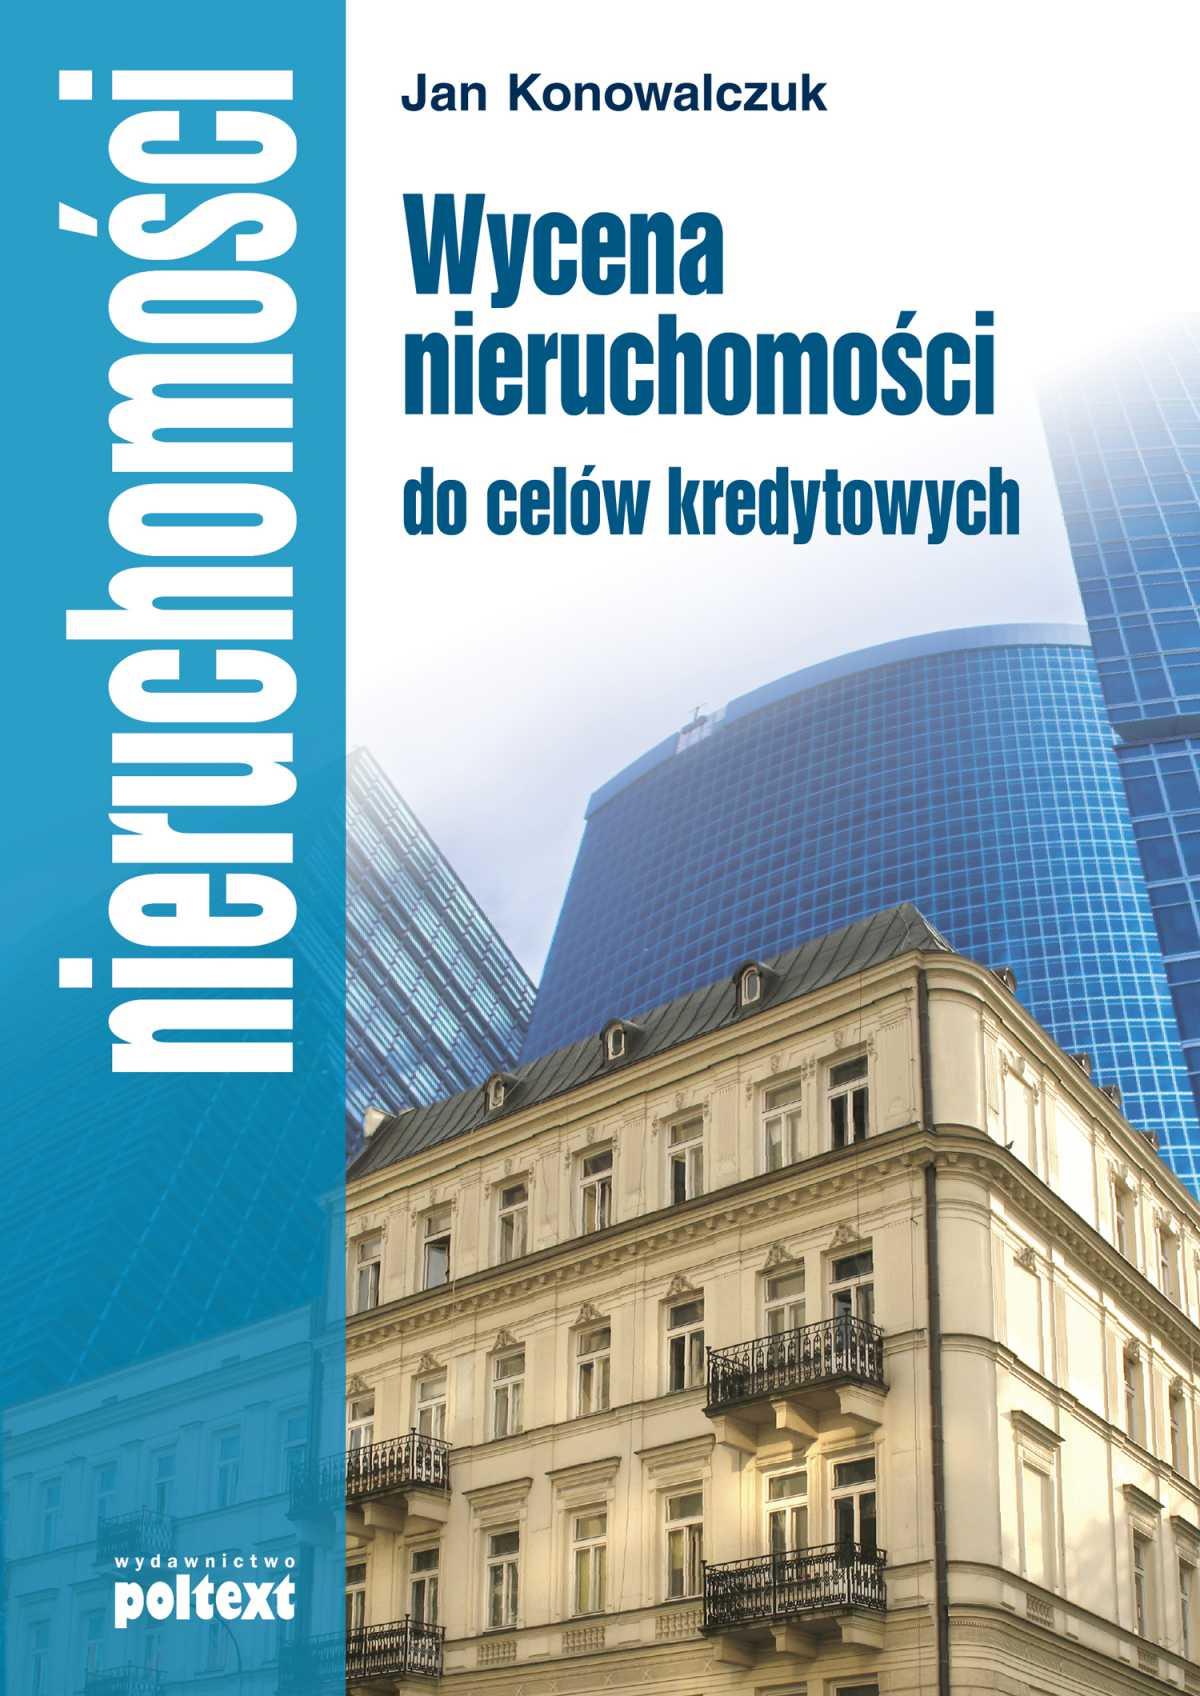 Wycena nieruchomości do celów kredytowych - Ebook (Książka na Kindle) do pobrania w formacie MOBI